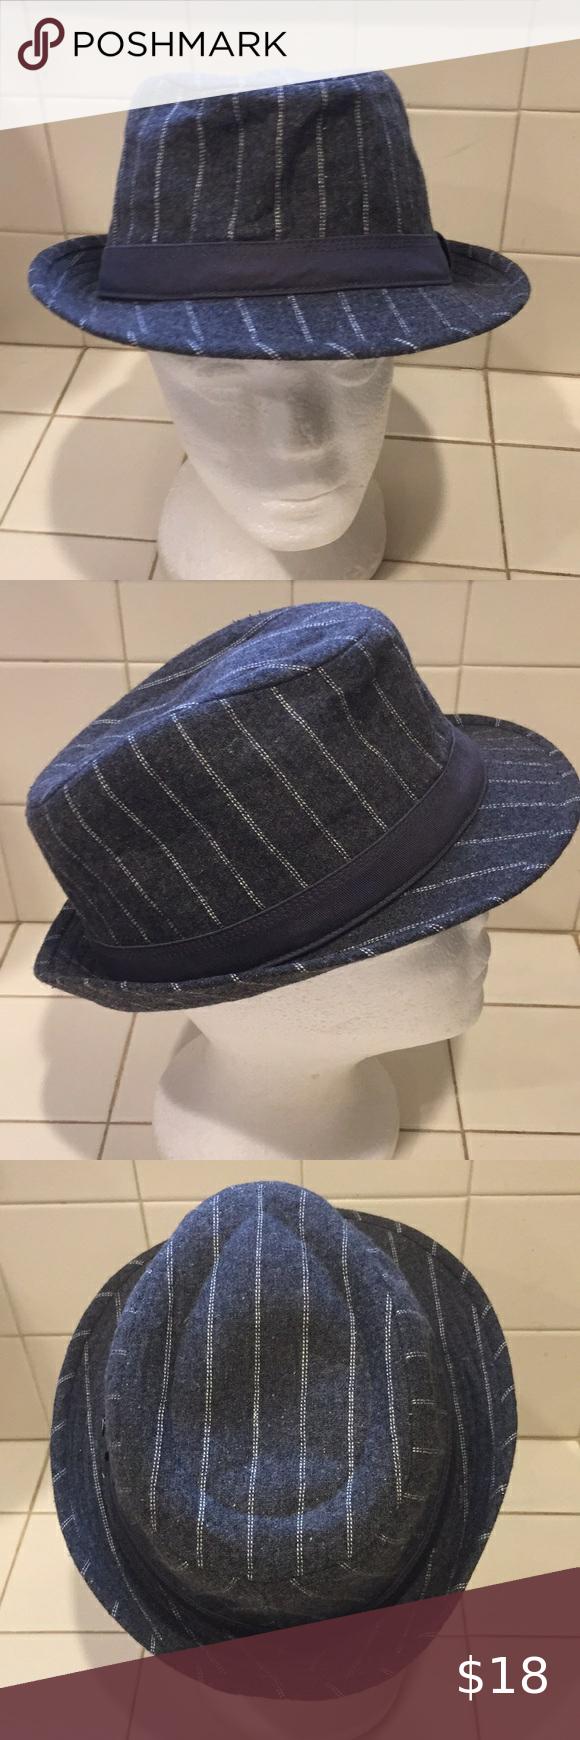 Quiksilver Fedora Style Hat Size L Xl Hat Fashion Quiksilver Hats